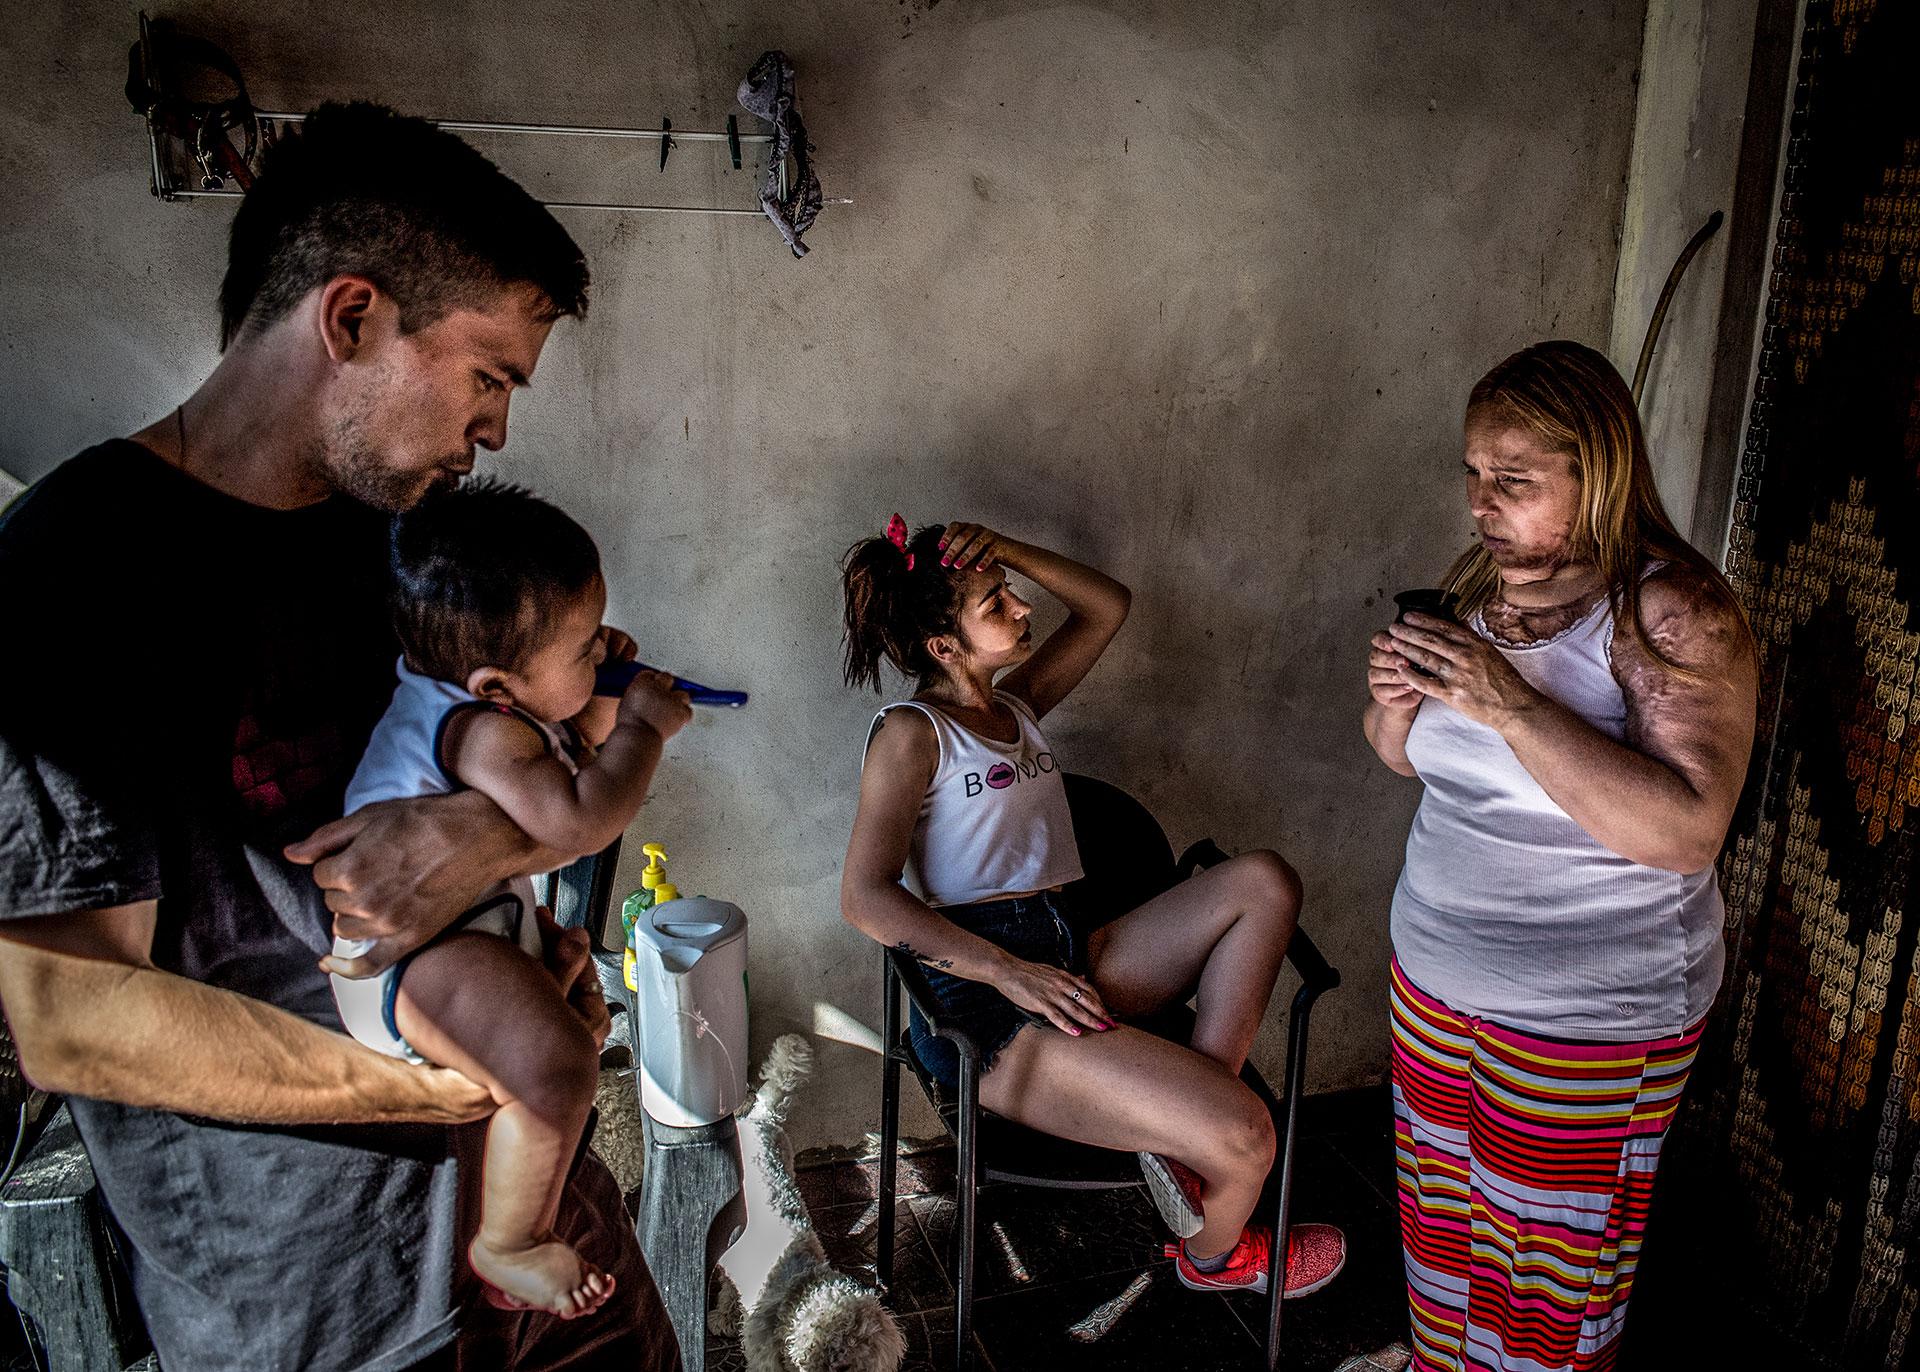 San Antonio de Padua, Karina Abregu, de 42 años, con su hija Florencia de 23 años, su yerno y su nieto Siro.